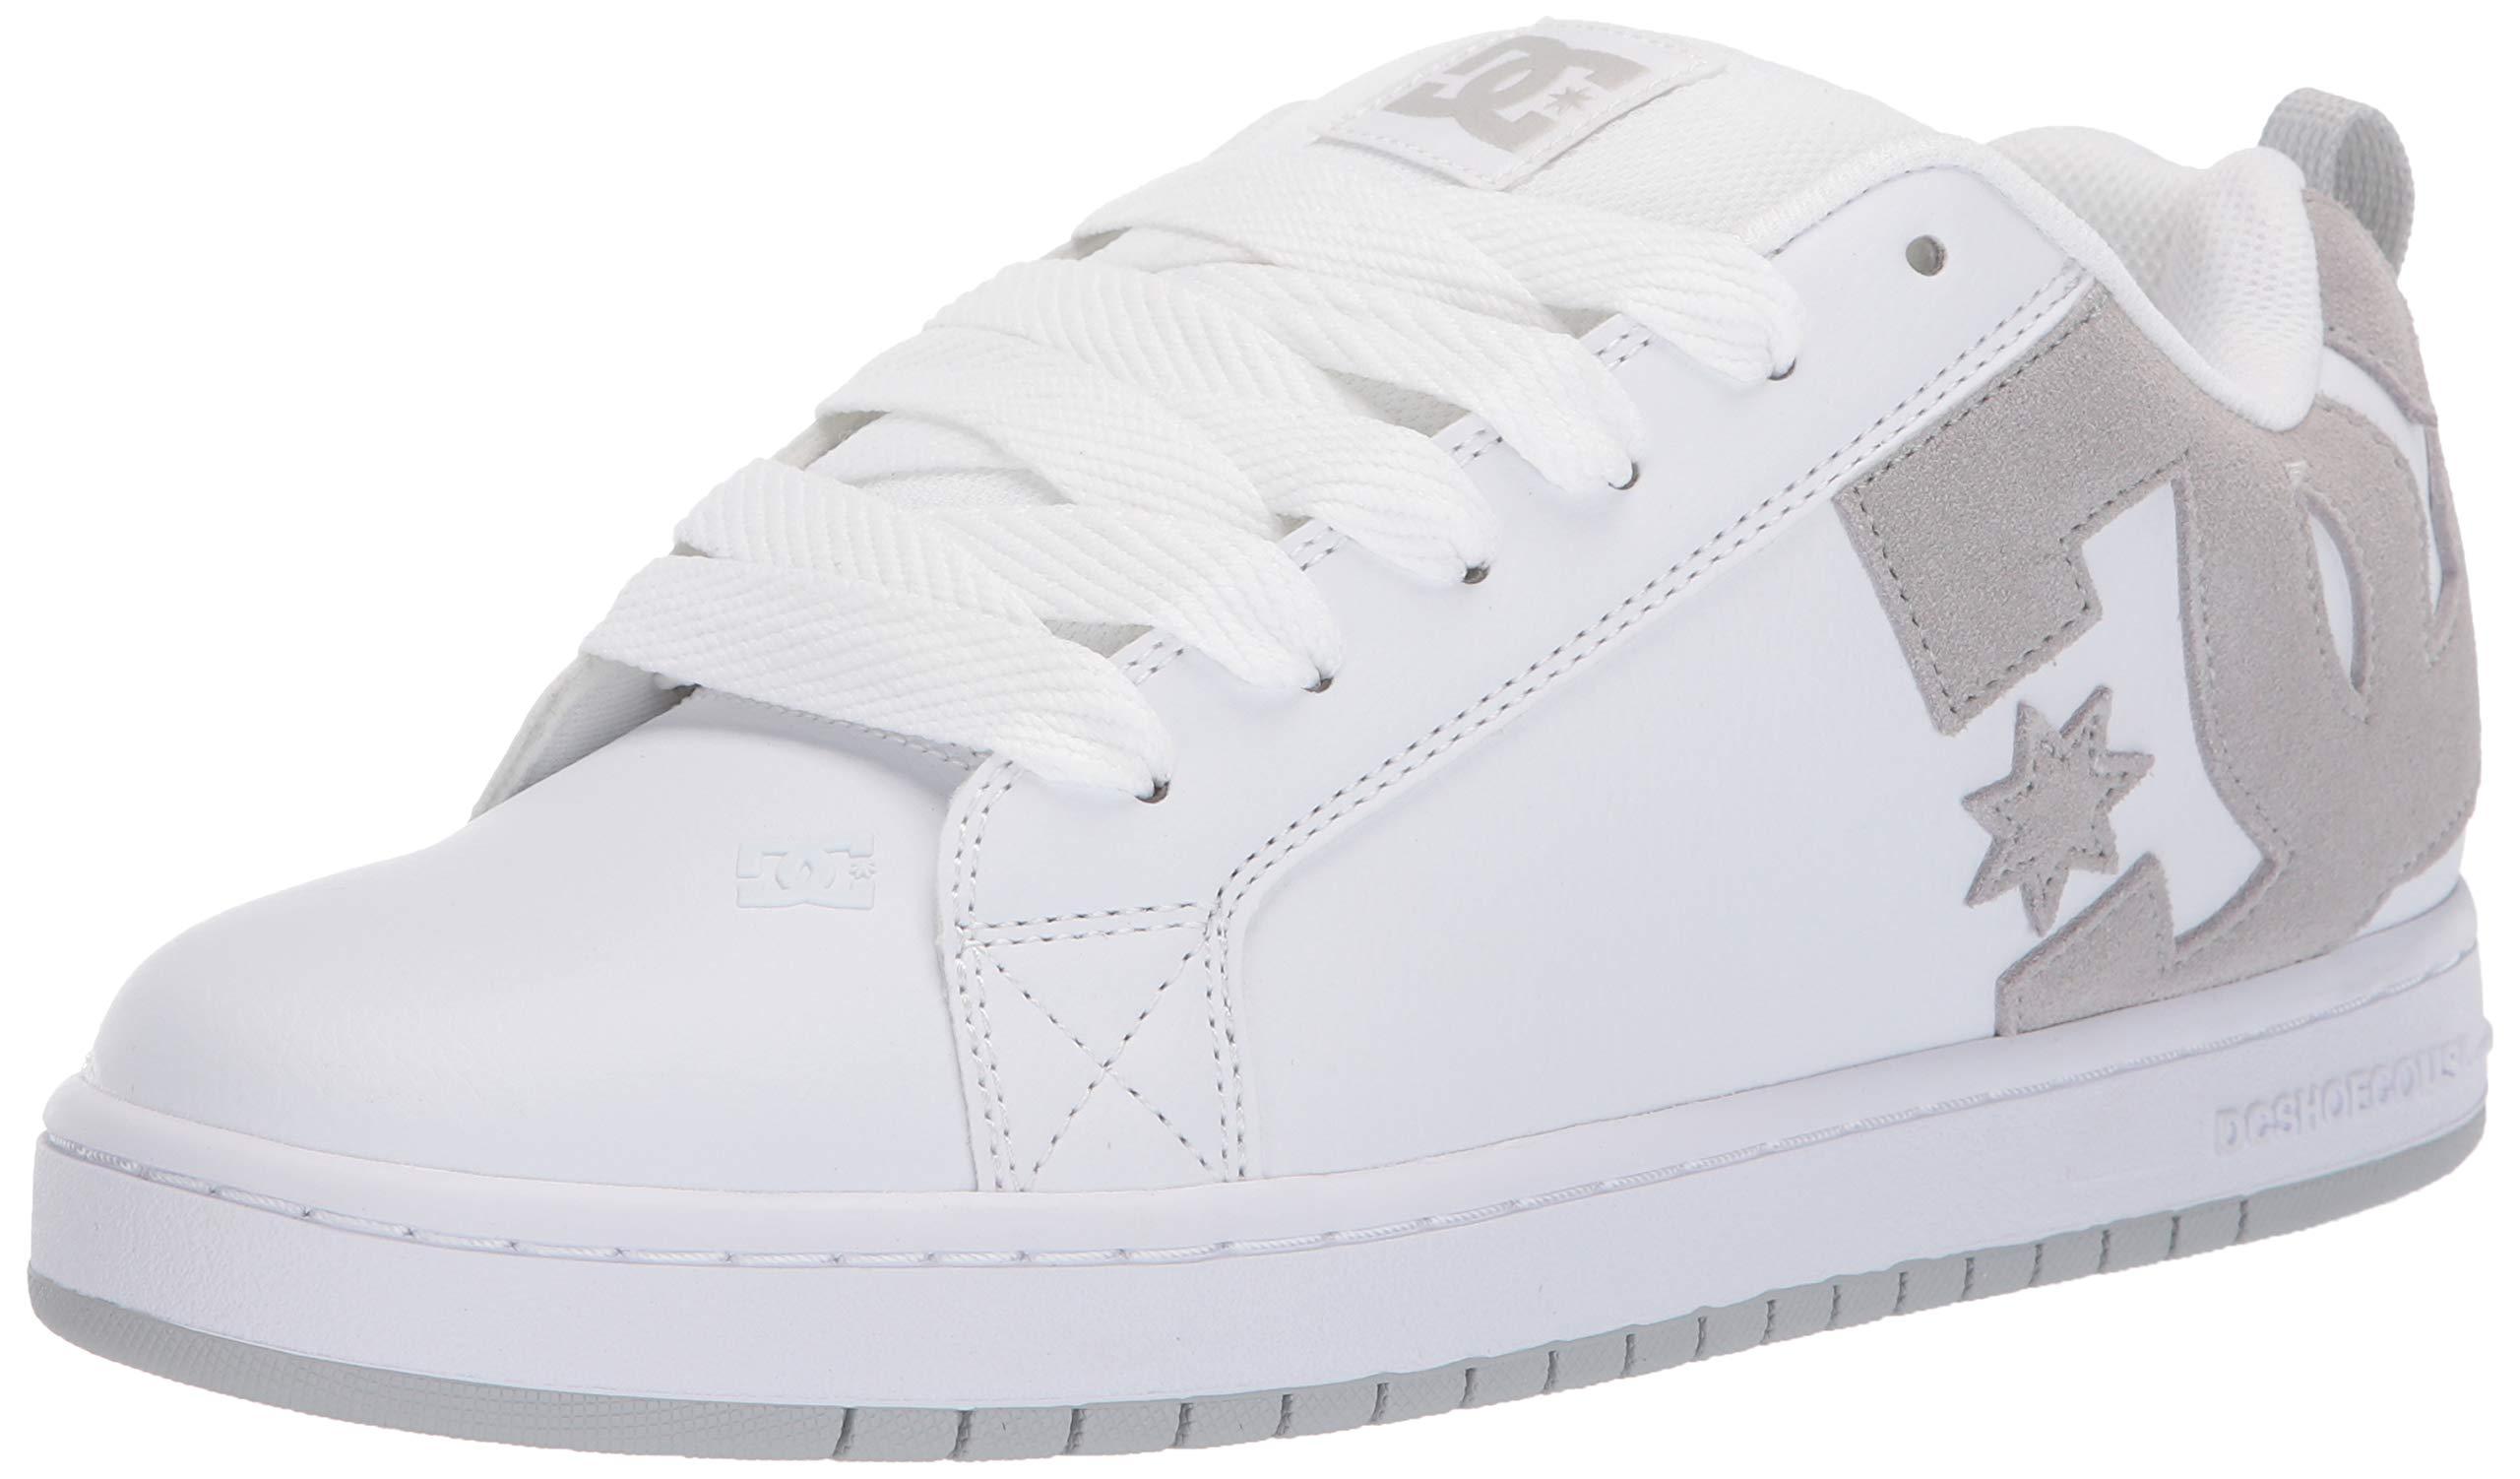 DC Men's Court Graffik Skate Shoe, White/Grey/Grey, 14 M US by DC